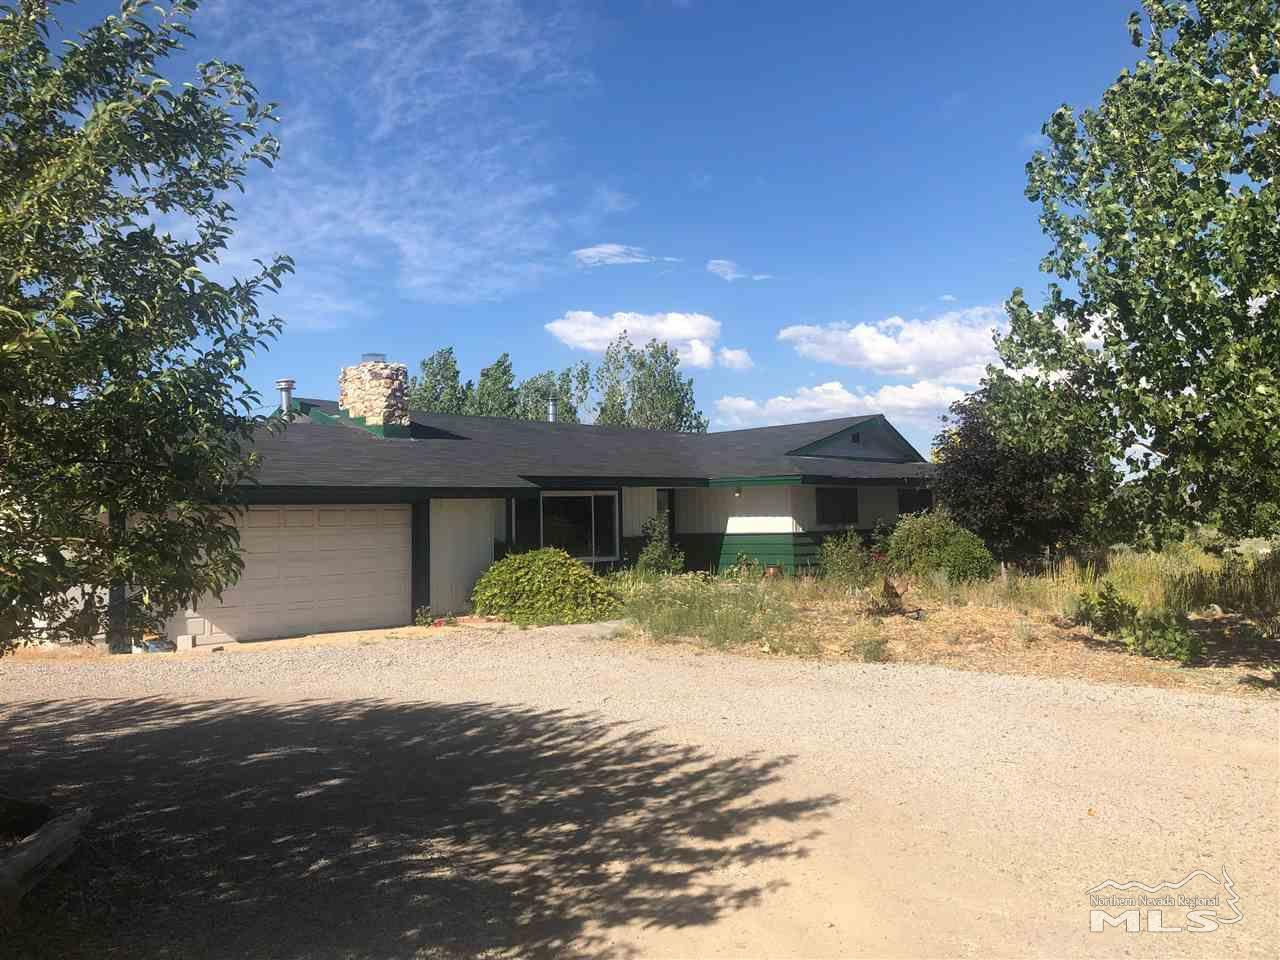 Image for 11604 Carlsbad, Reno, NV 89508-8543